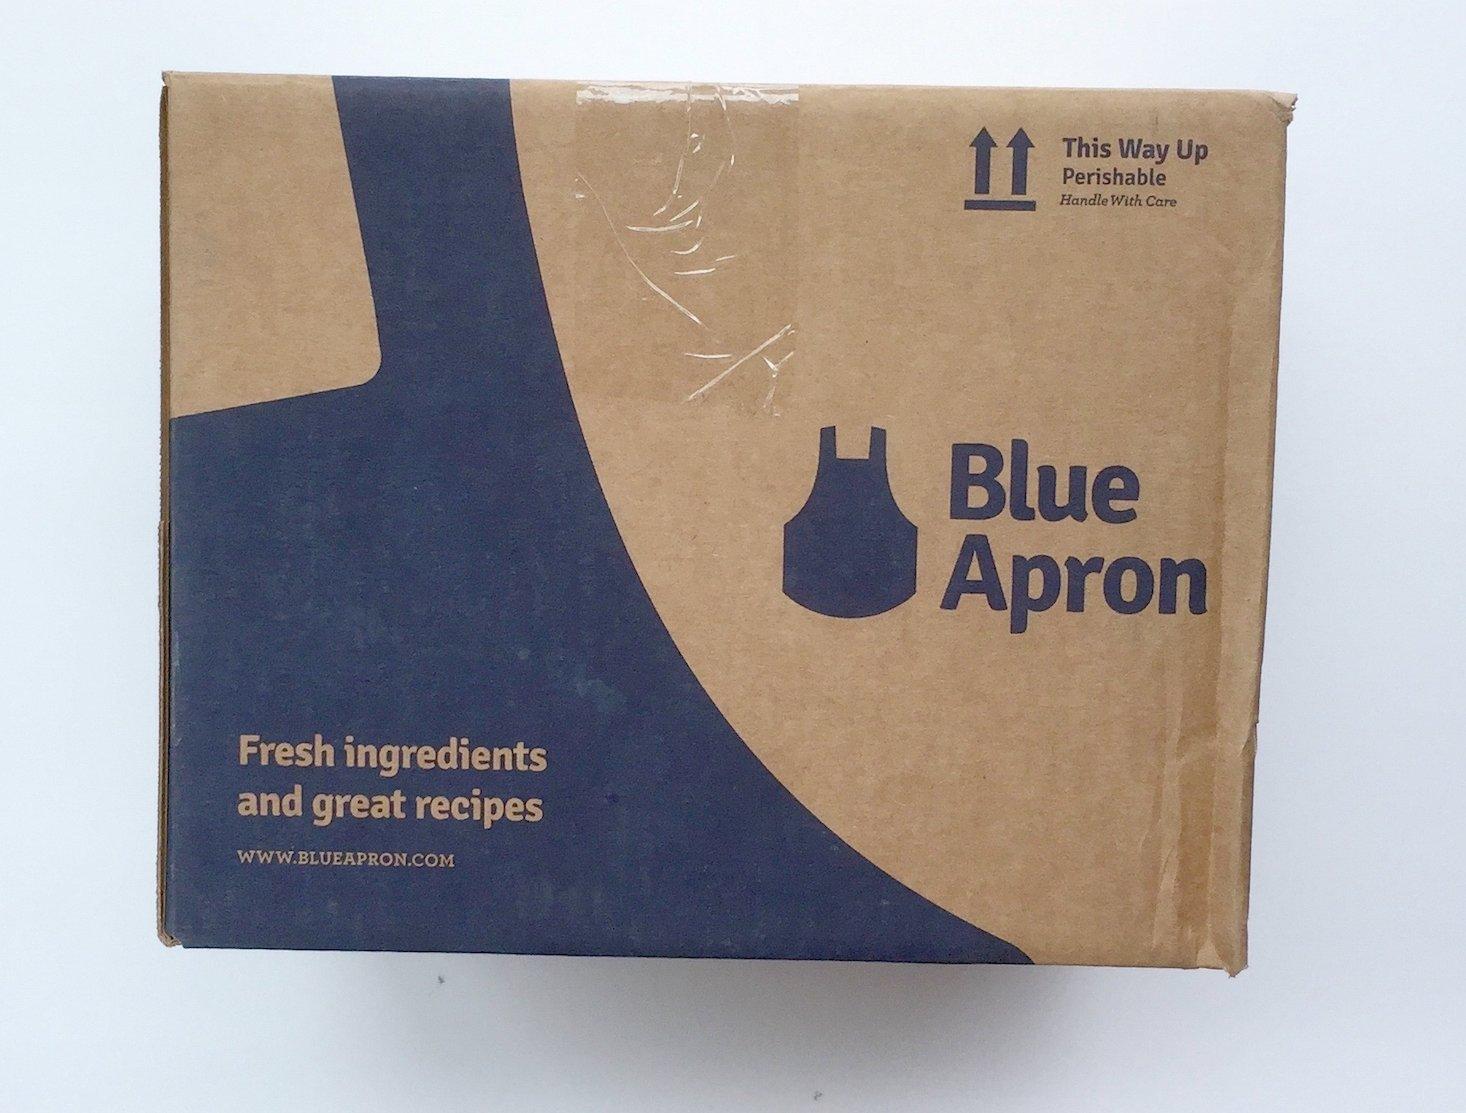 Blue-apron-january-2017-box